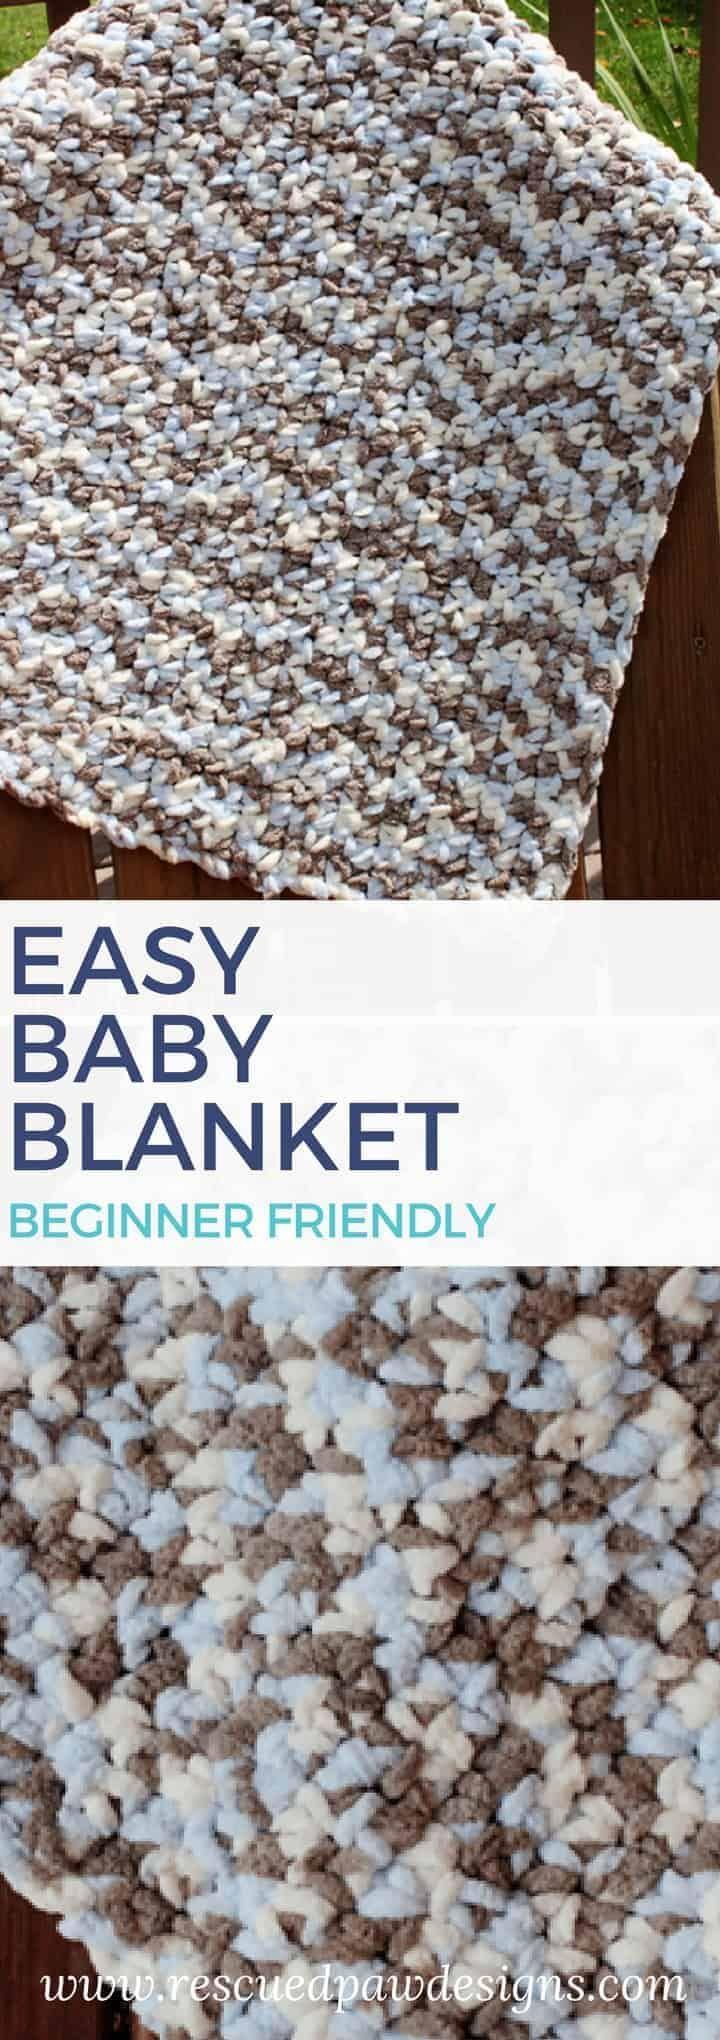 Free Crochet Baby Blanket Pattern - Crochet Bernat Blanket Yarn Pattern